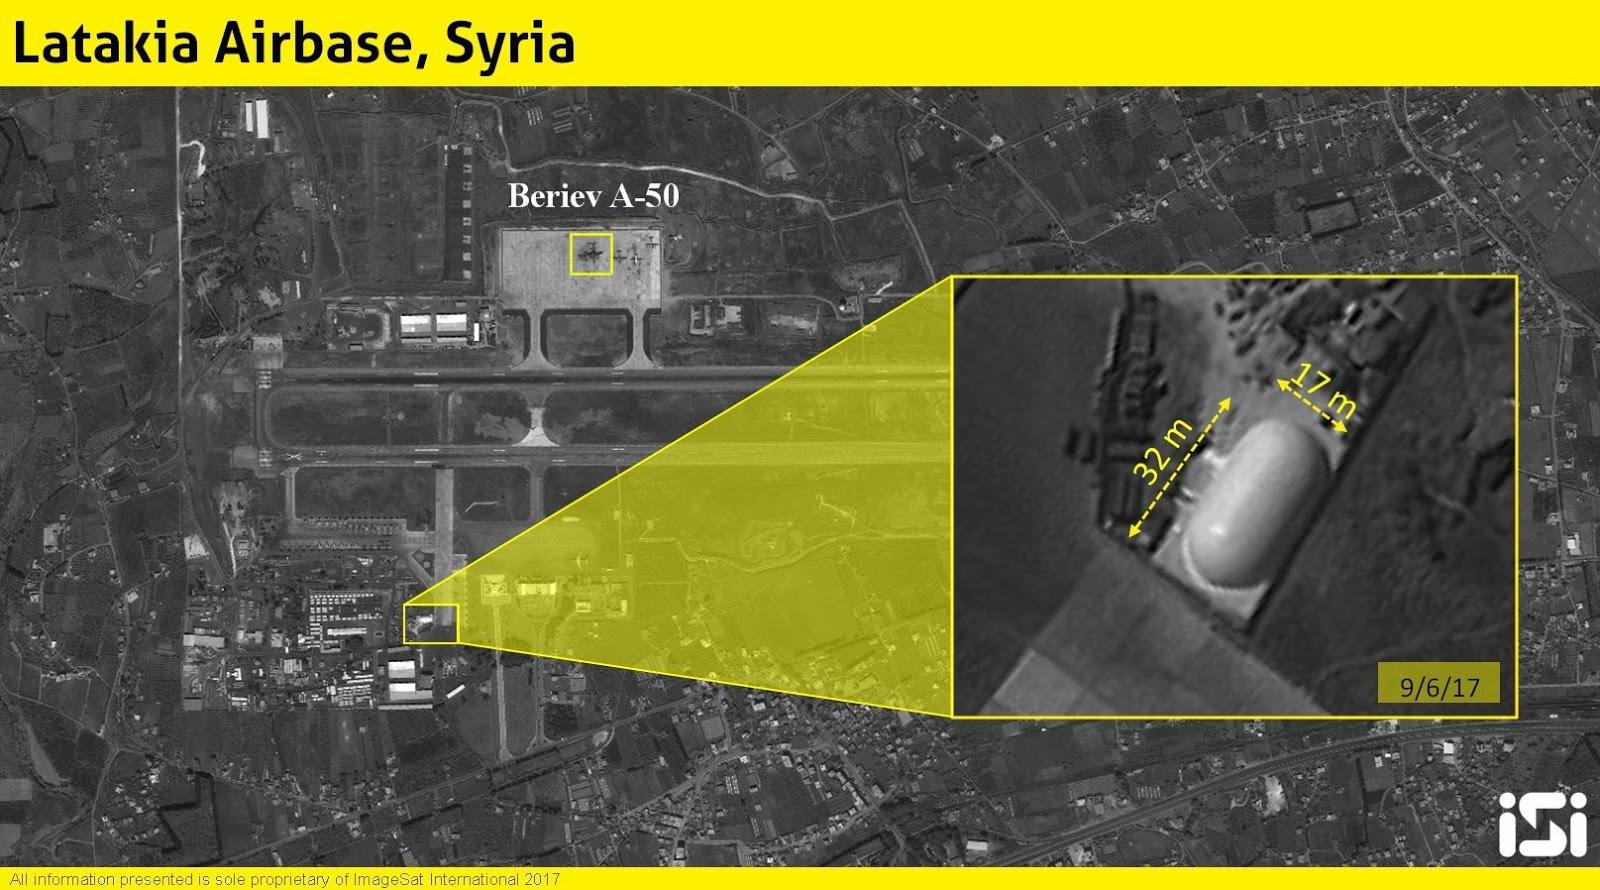 El Senado de Rusia autoriza el uso de las Fuerzas Aéreas en Siria - Página 2 Siria%2Bhmeymim%2Ba-50